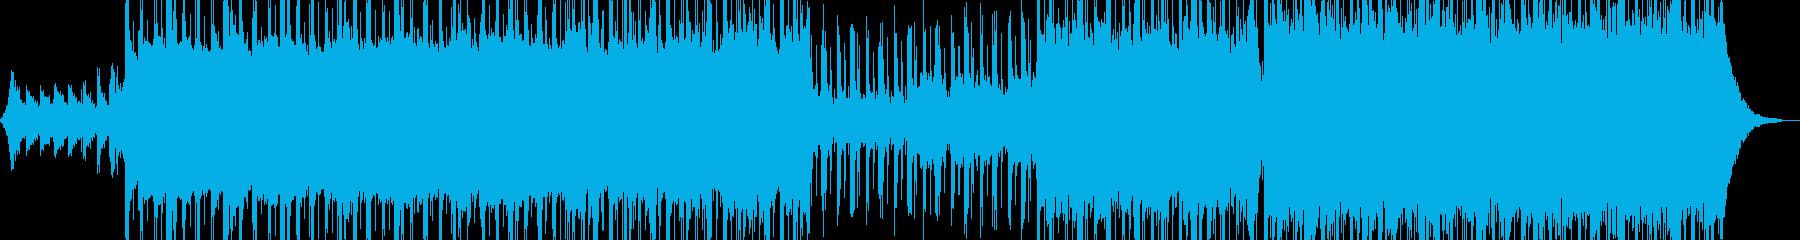 無機質でドライ・ダークなR&B Bの再生済みの波形